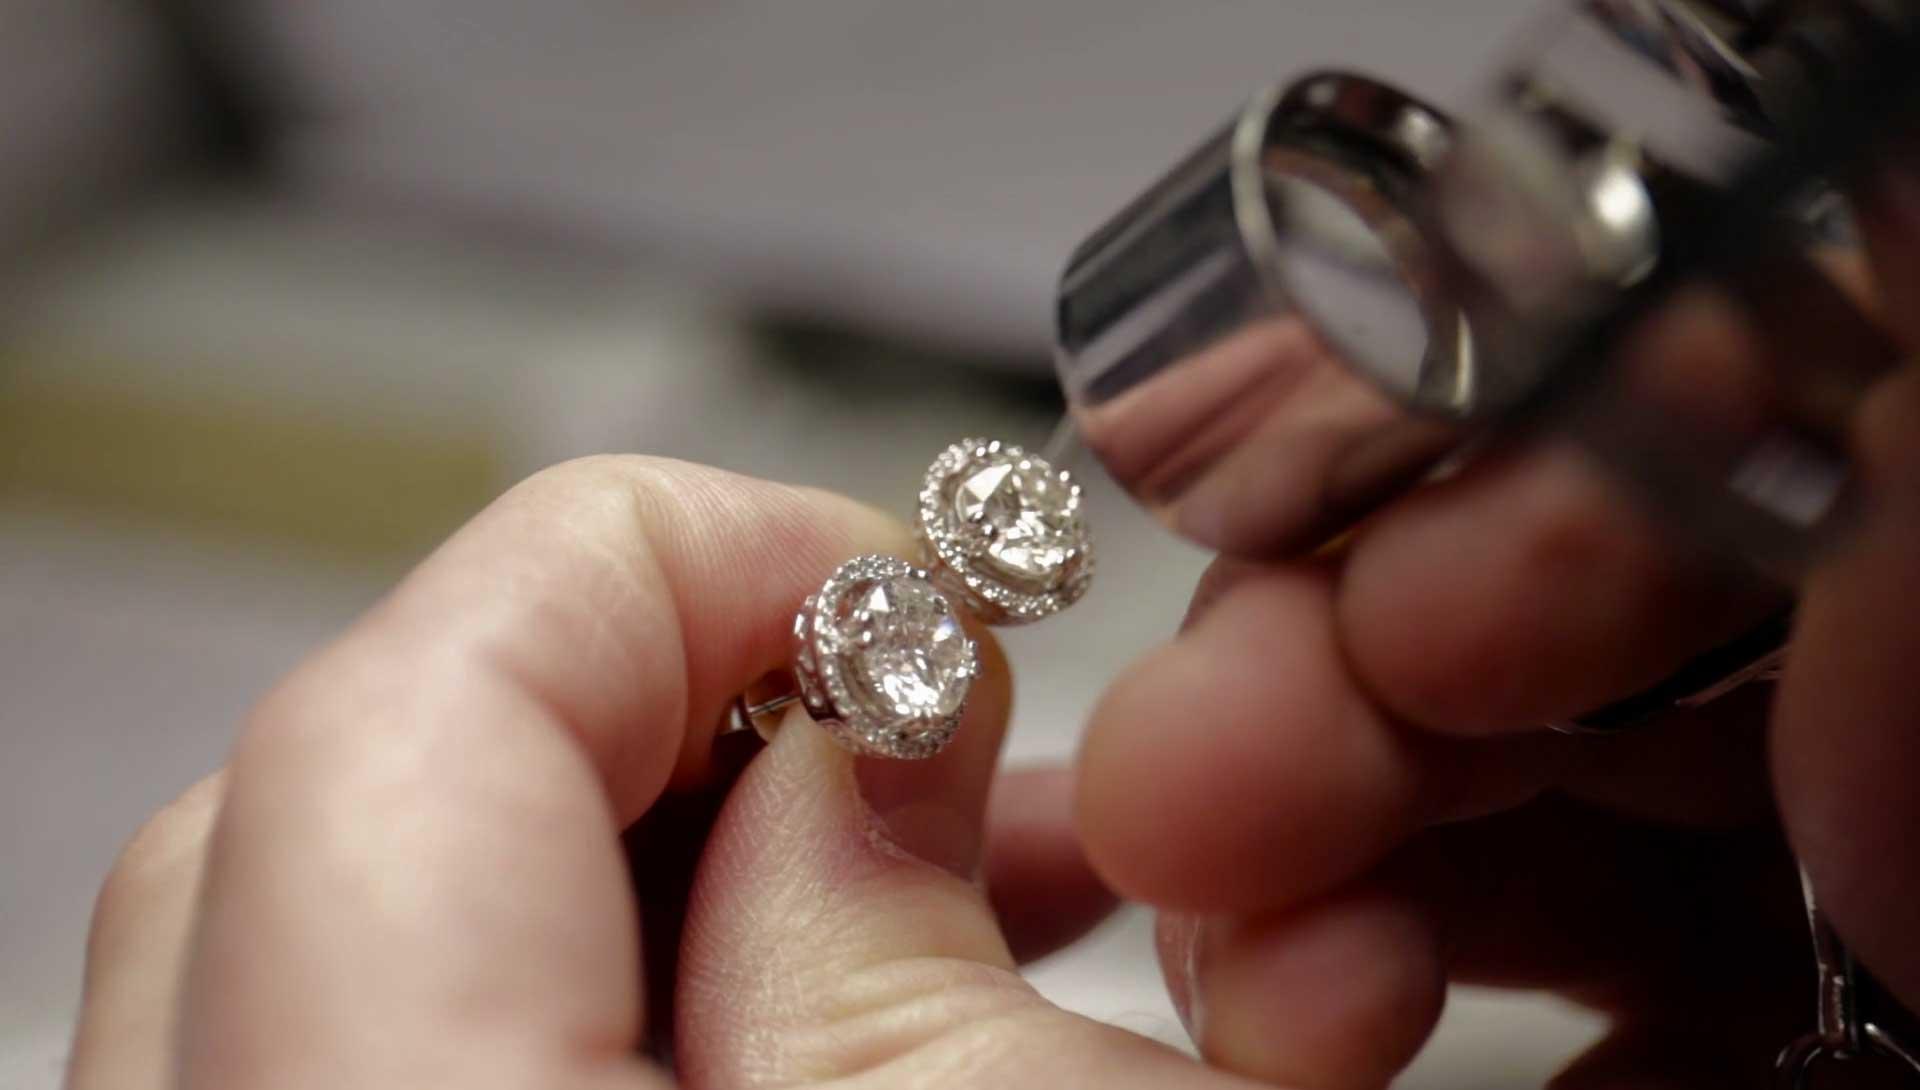 M Geller Diamond Rings Aafes